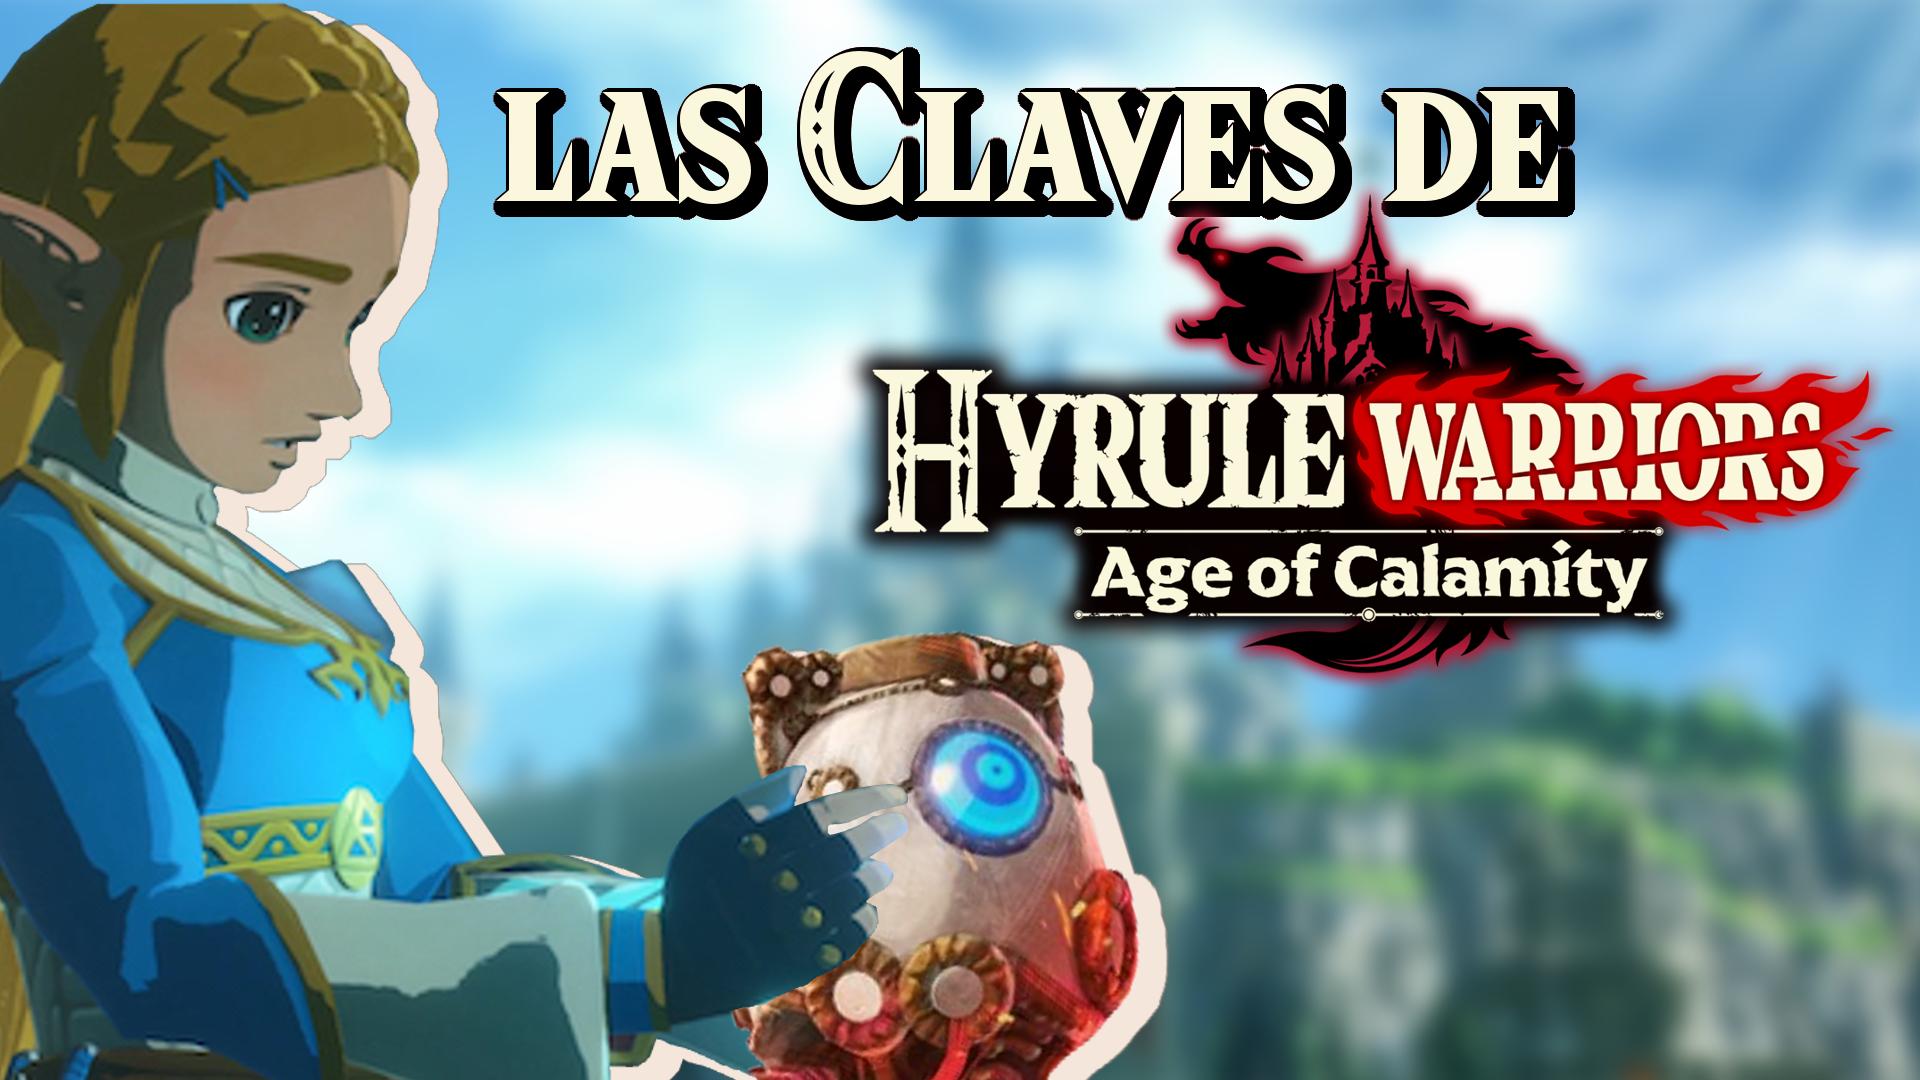 Las claves de Hyrule Warriors: la era del cataclismo (vídeo)